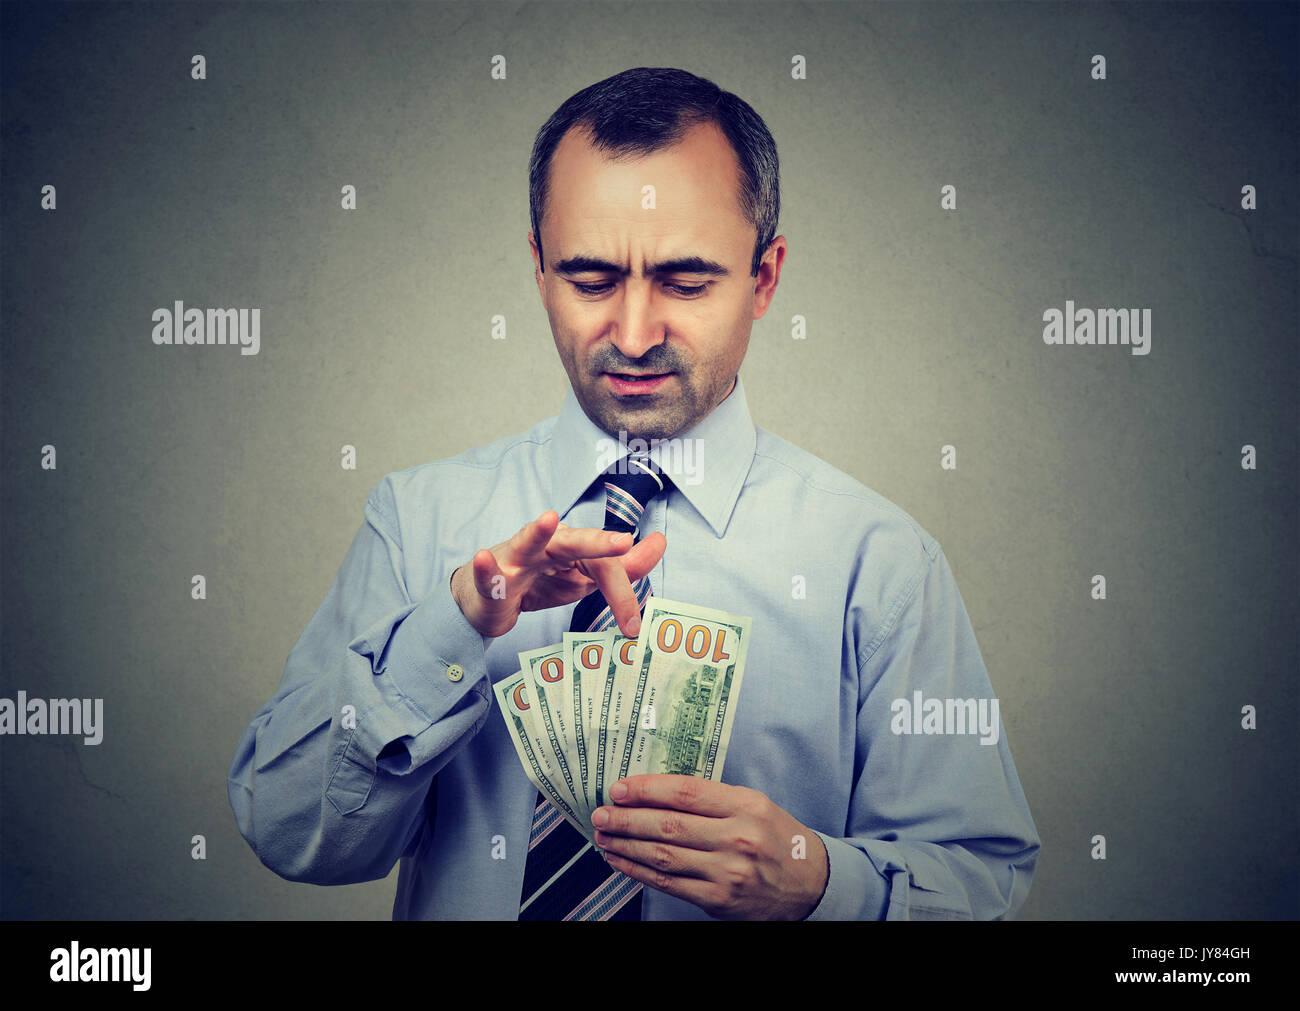 Coppia uomo d affari conteggiare denaro su sfondo grigio Immagini Stock